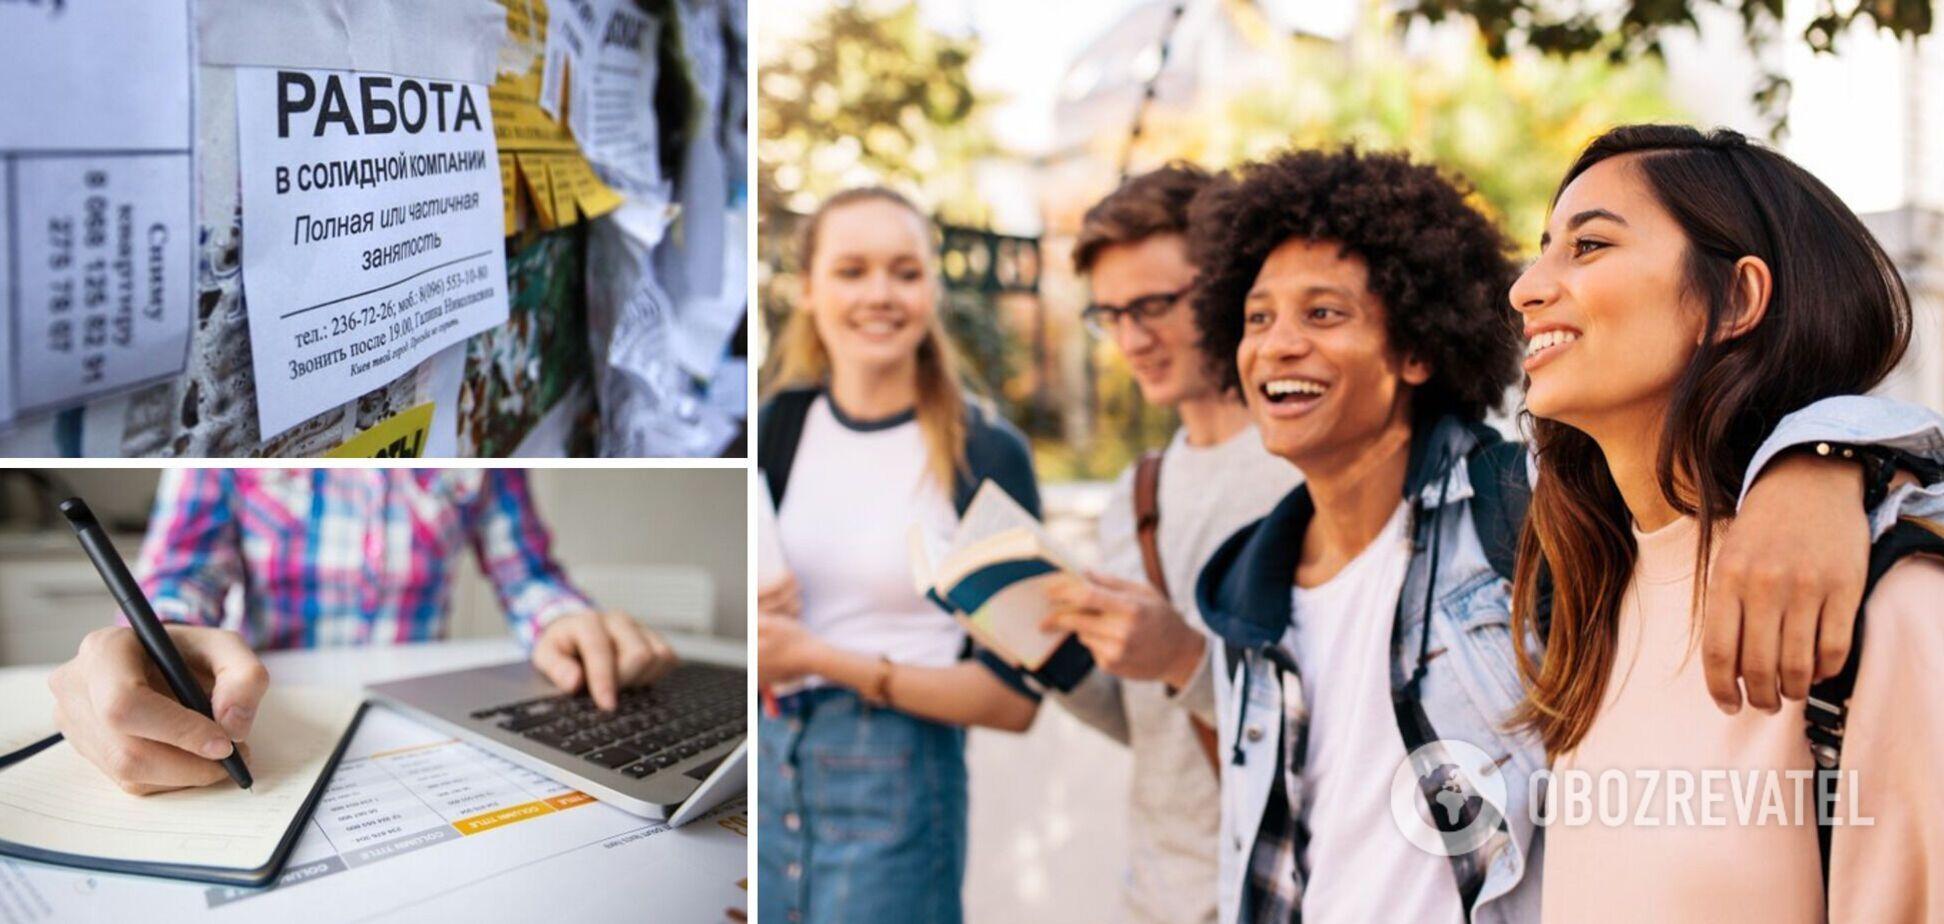 Робота іноземних студентів в Україні: що дозволено і на яких умовах